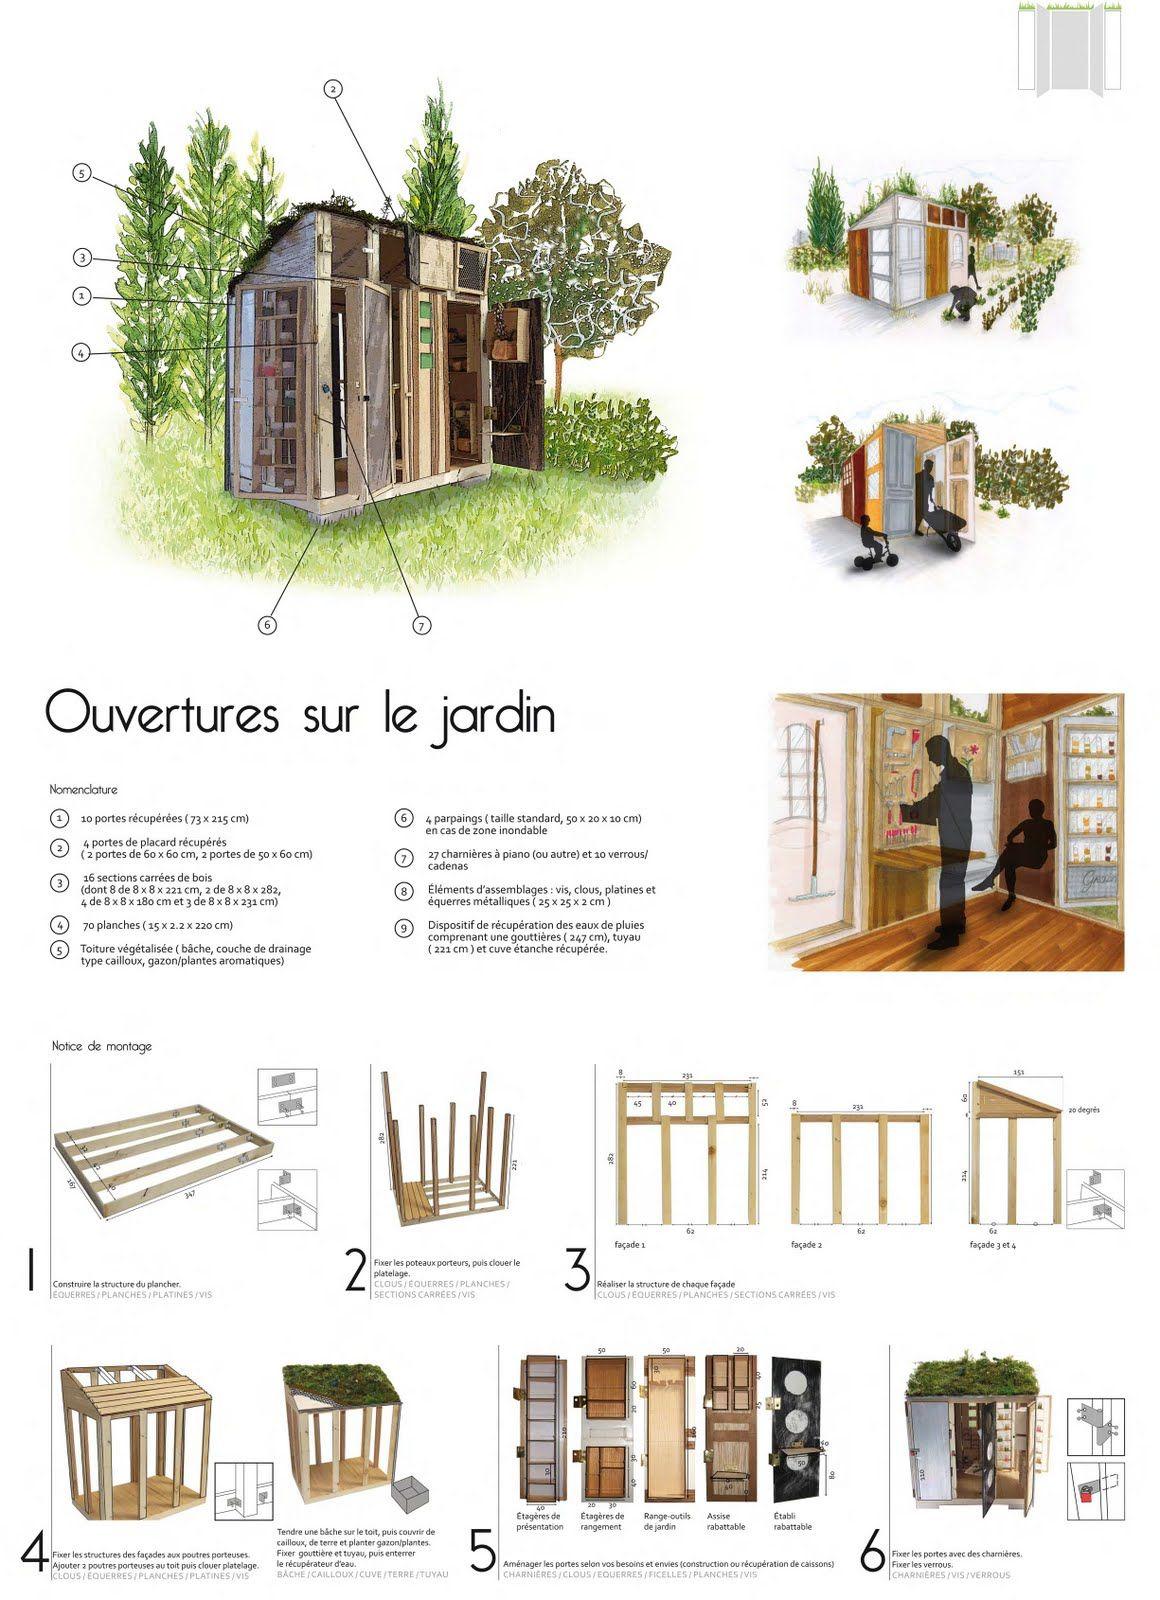 Tanatee -: 'l'abri À Bricoles' - Un Abri De Jardin À ... encequiconcerne Construire Une Cabane De Jardin